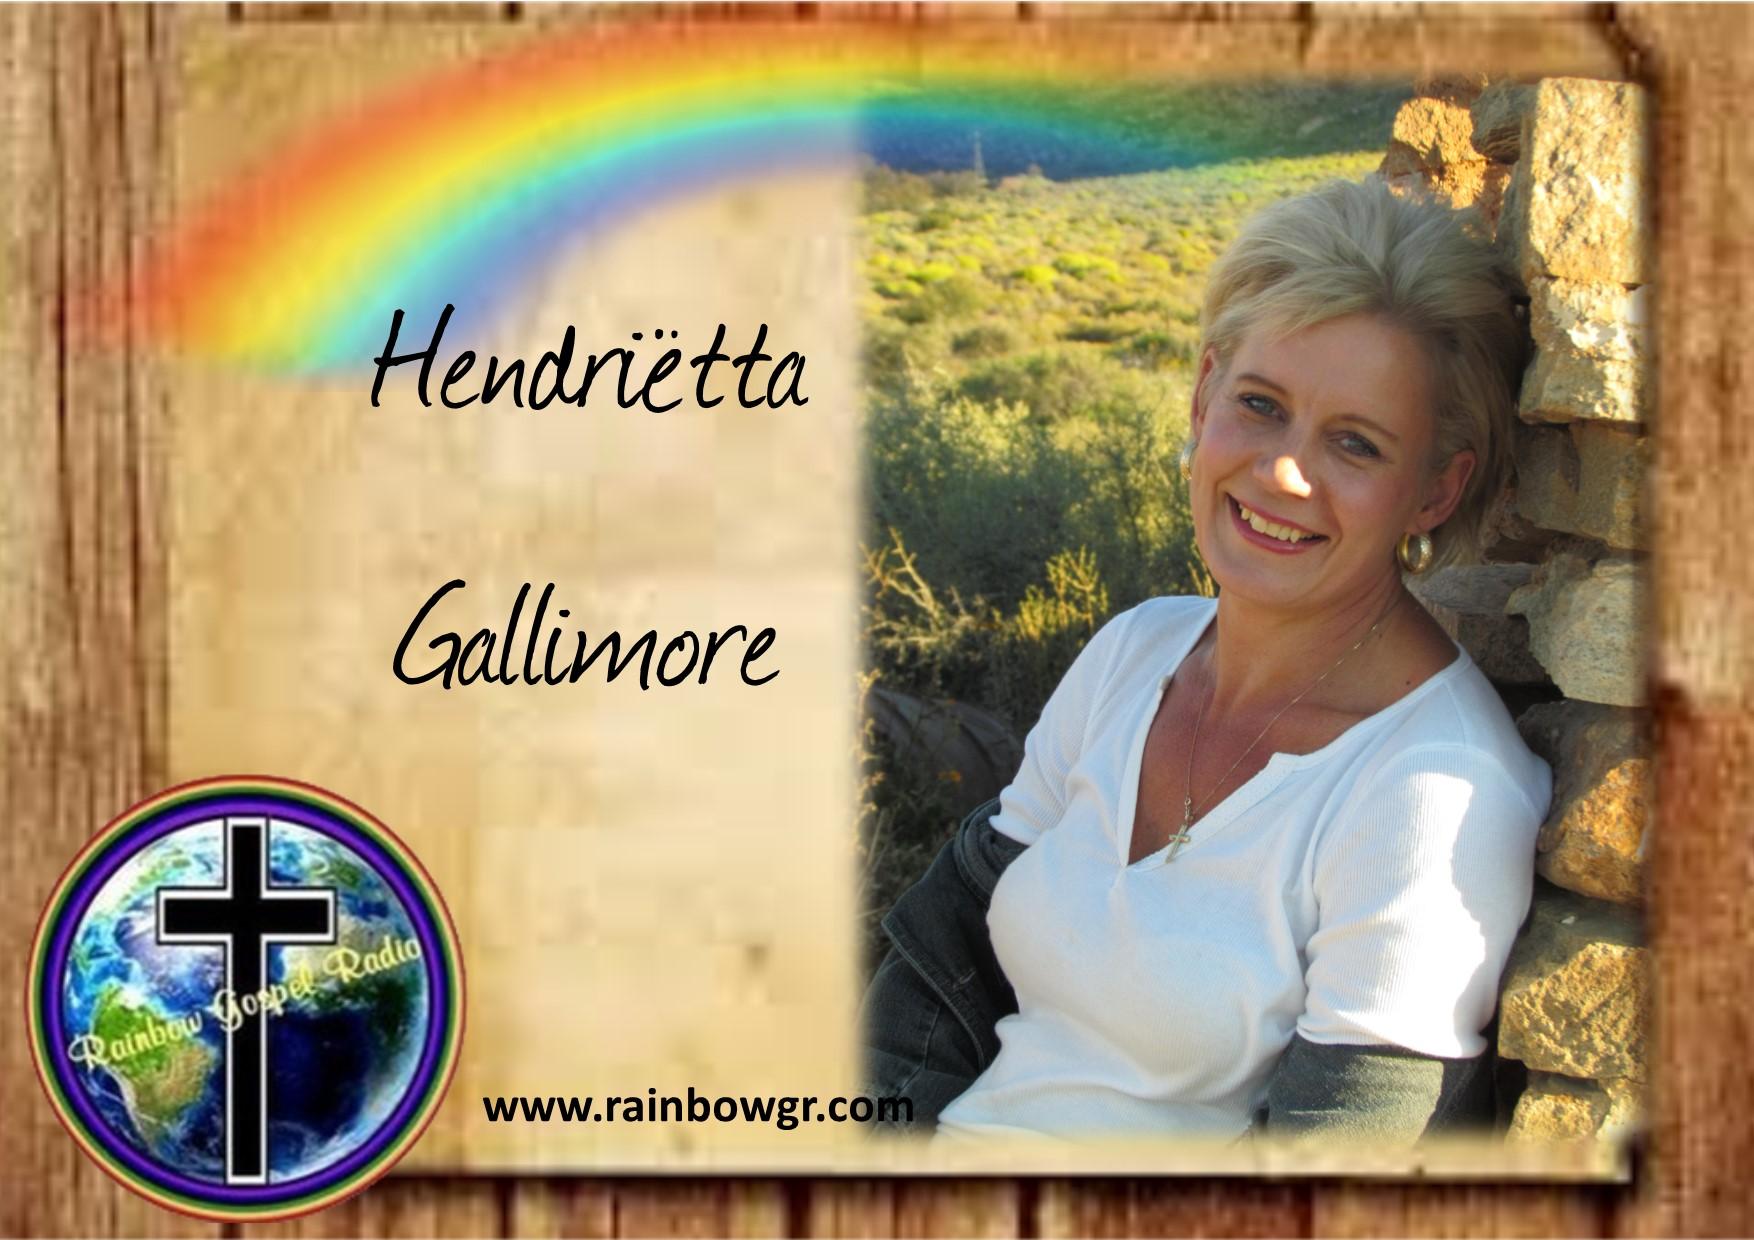 Hendriette Gallimore